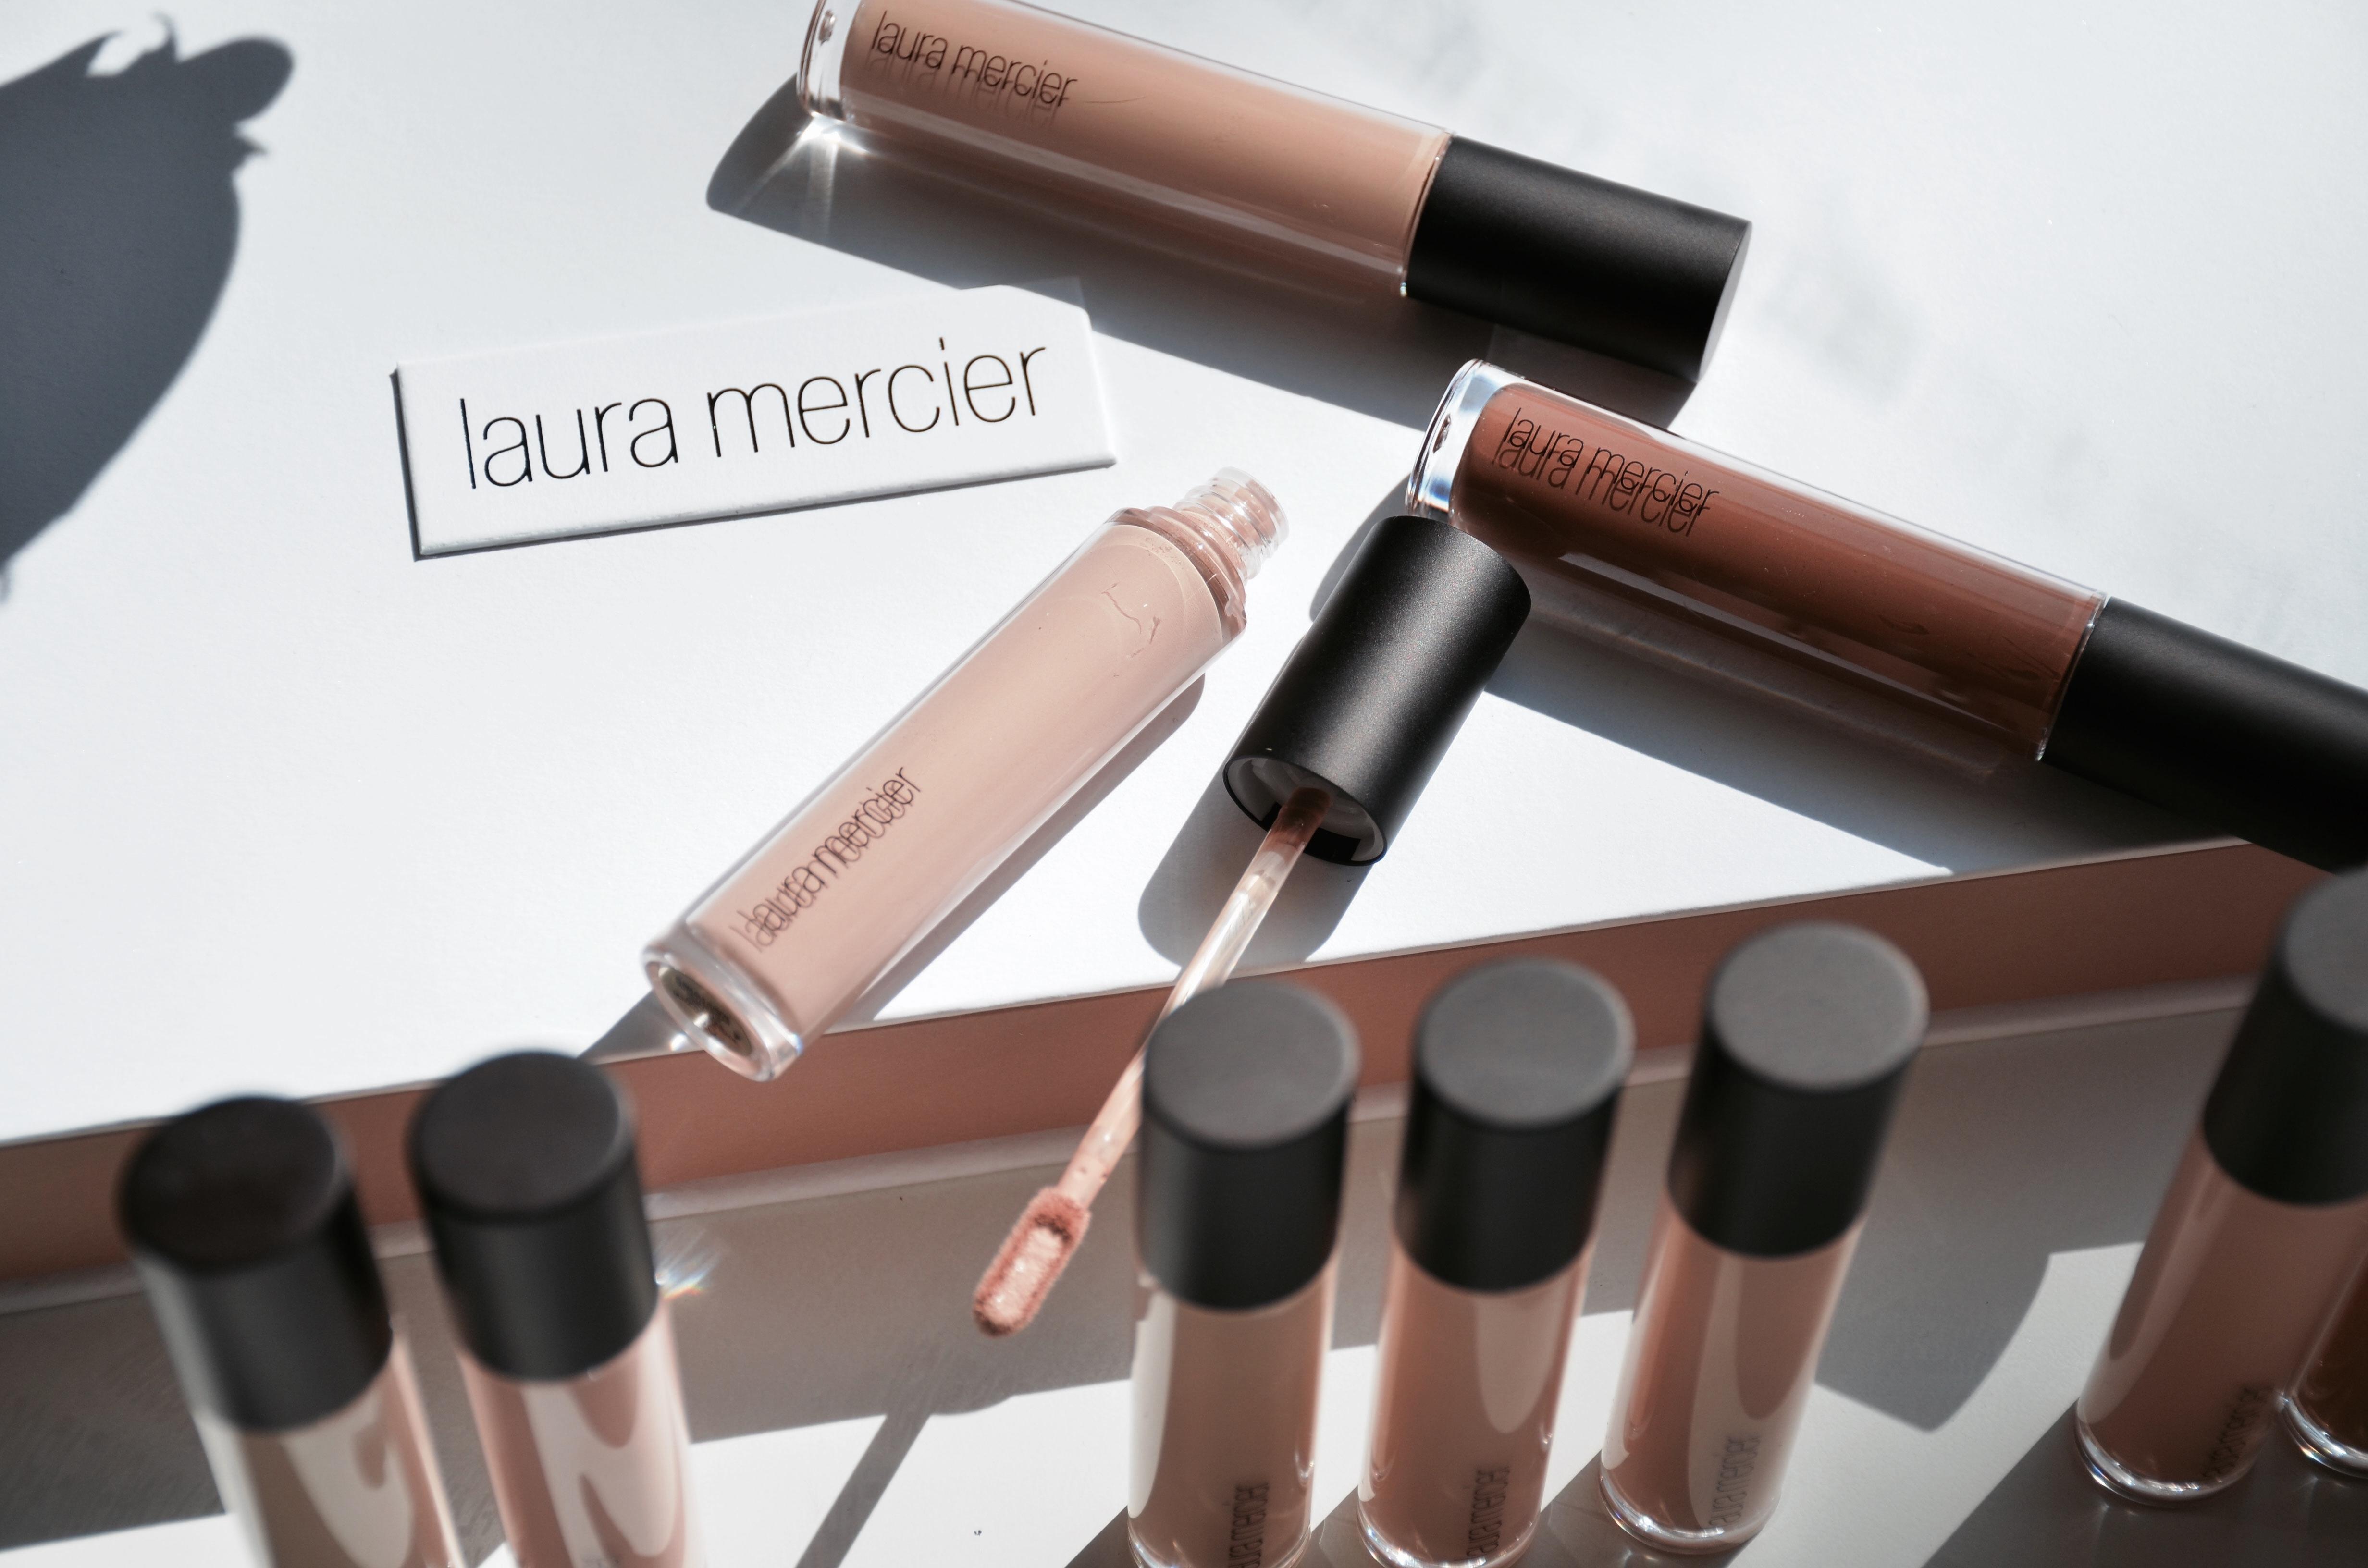 Laura Mercier Flawless Fusion Ultra Longwear Concealer